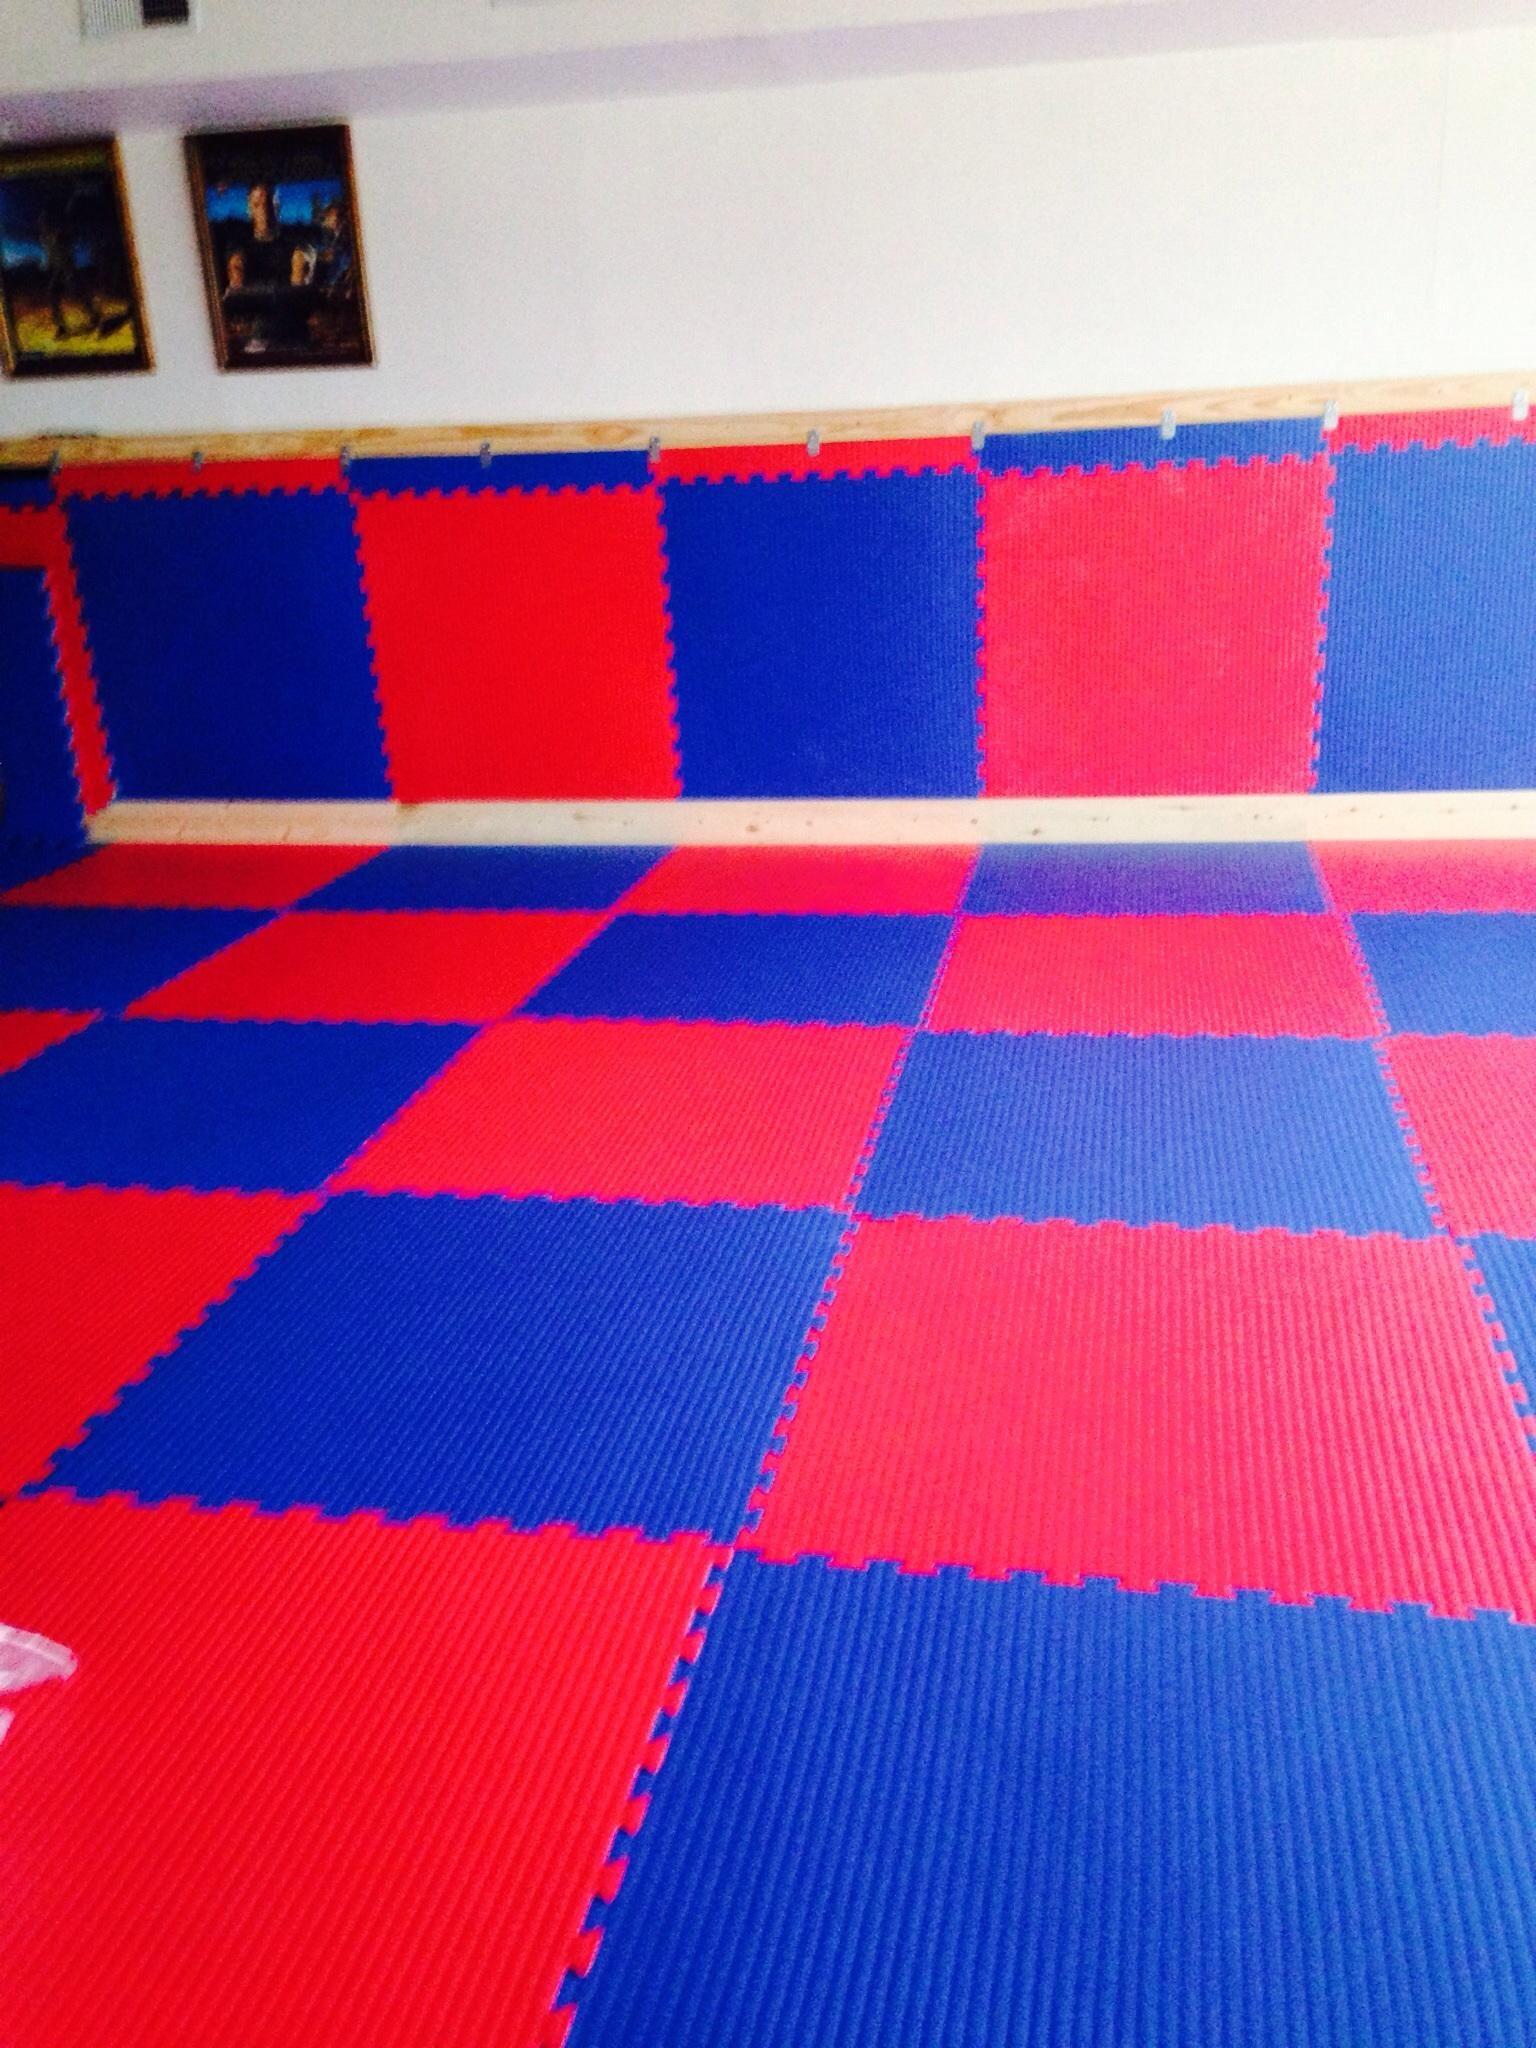 Grappling MMA Mats 1 5 Inch | Martial Arts Mats | Martial